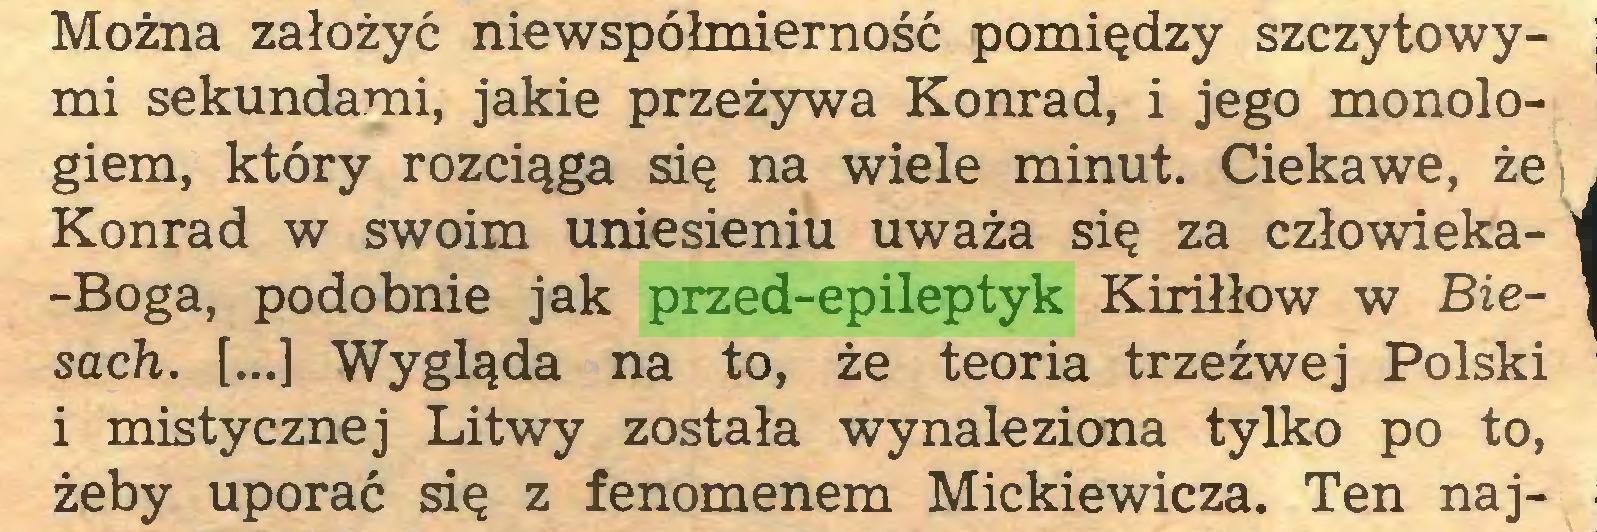 (...) Można założyć niewspółmierność pomiędzy szczytowymi sekundami, jakie przeżywa Konrad, i jego monologiem, który rozciąga się na wiele minut. Ciekawe, że Konrad w swoim uniesieniu uważa się za człowieka-Boga, podobnie jak przed-epileptyk Kiriłłow w Biesach. [...] Wygląda na to, że teoria trzeźwej Polski i mistycznej Litwy została wynaleziona tylko po to, żeby uporać się z fenomenem Mickiewicza. Ten naj...